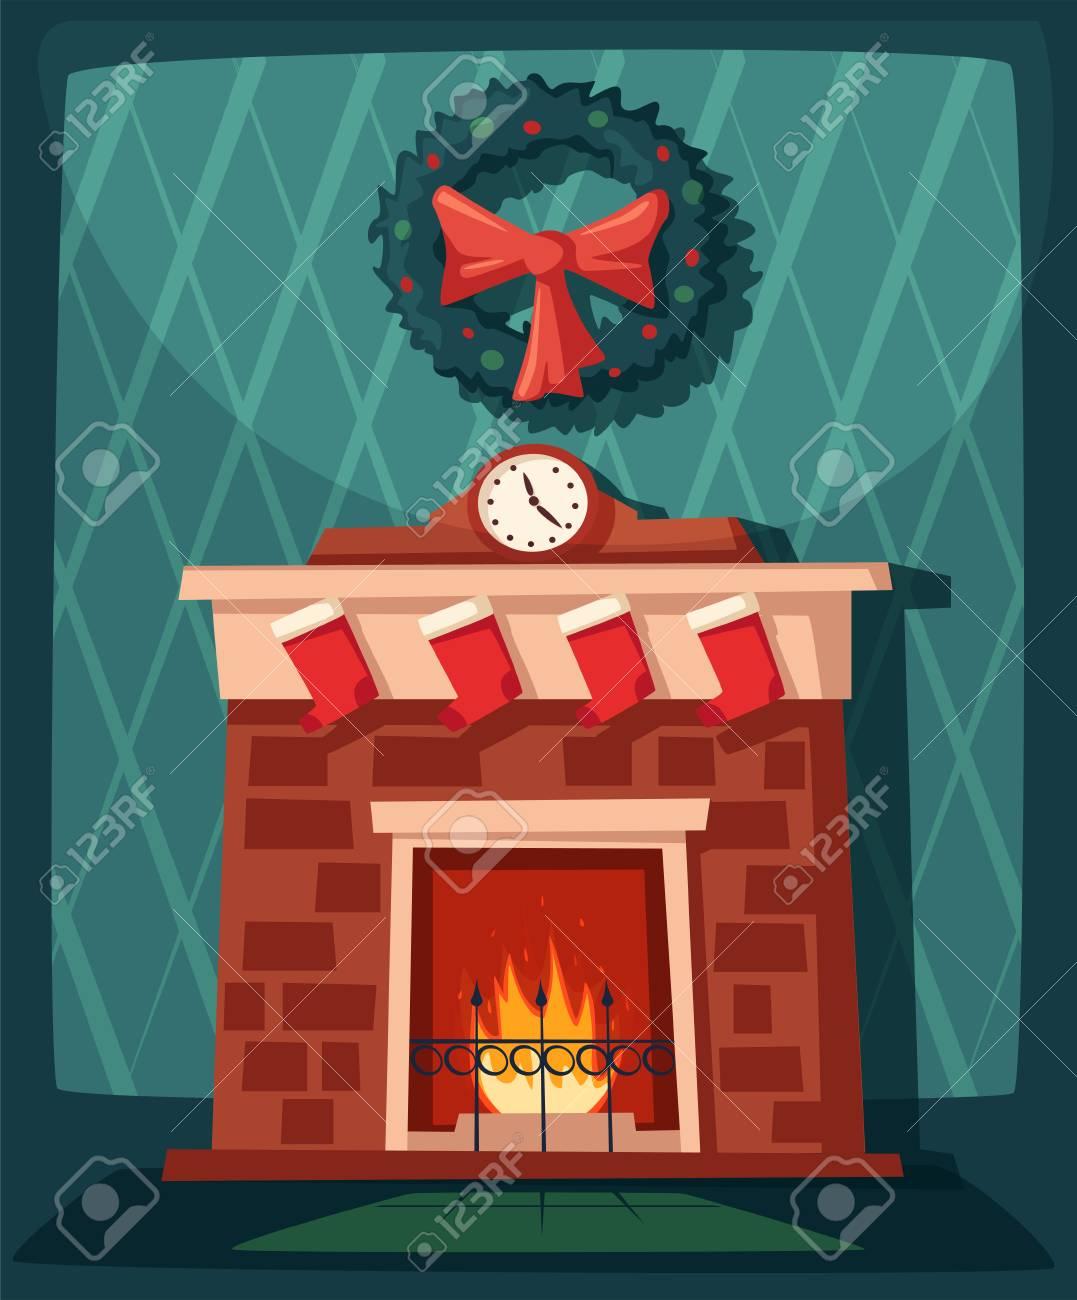 Joyeux Noel Cheminee Et Arbre Avec Des Decorations Illustration De